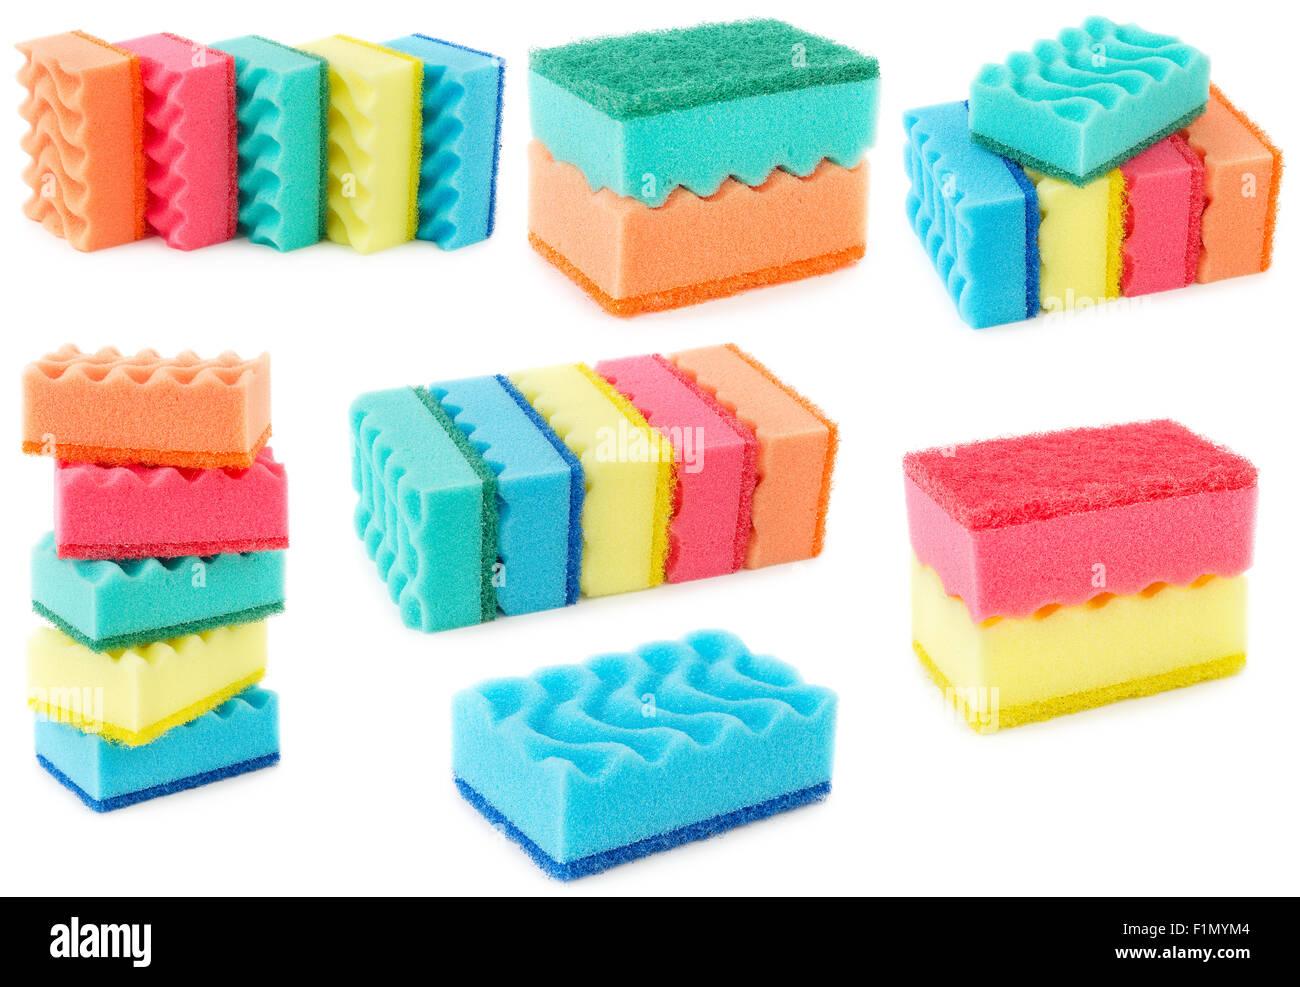 Set of colored sponges for dishwashing isolated on white background. Kitchen bast. - Stock Image